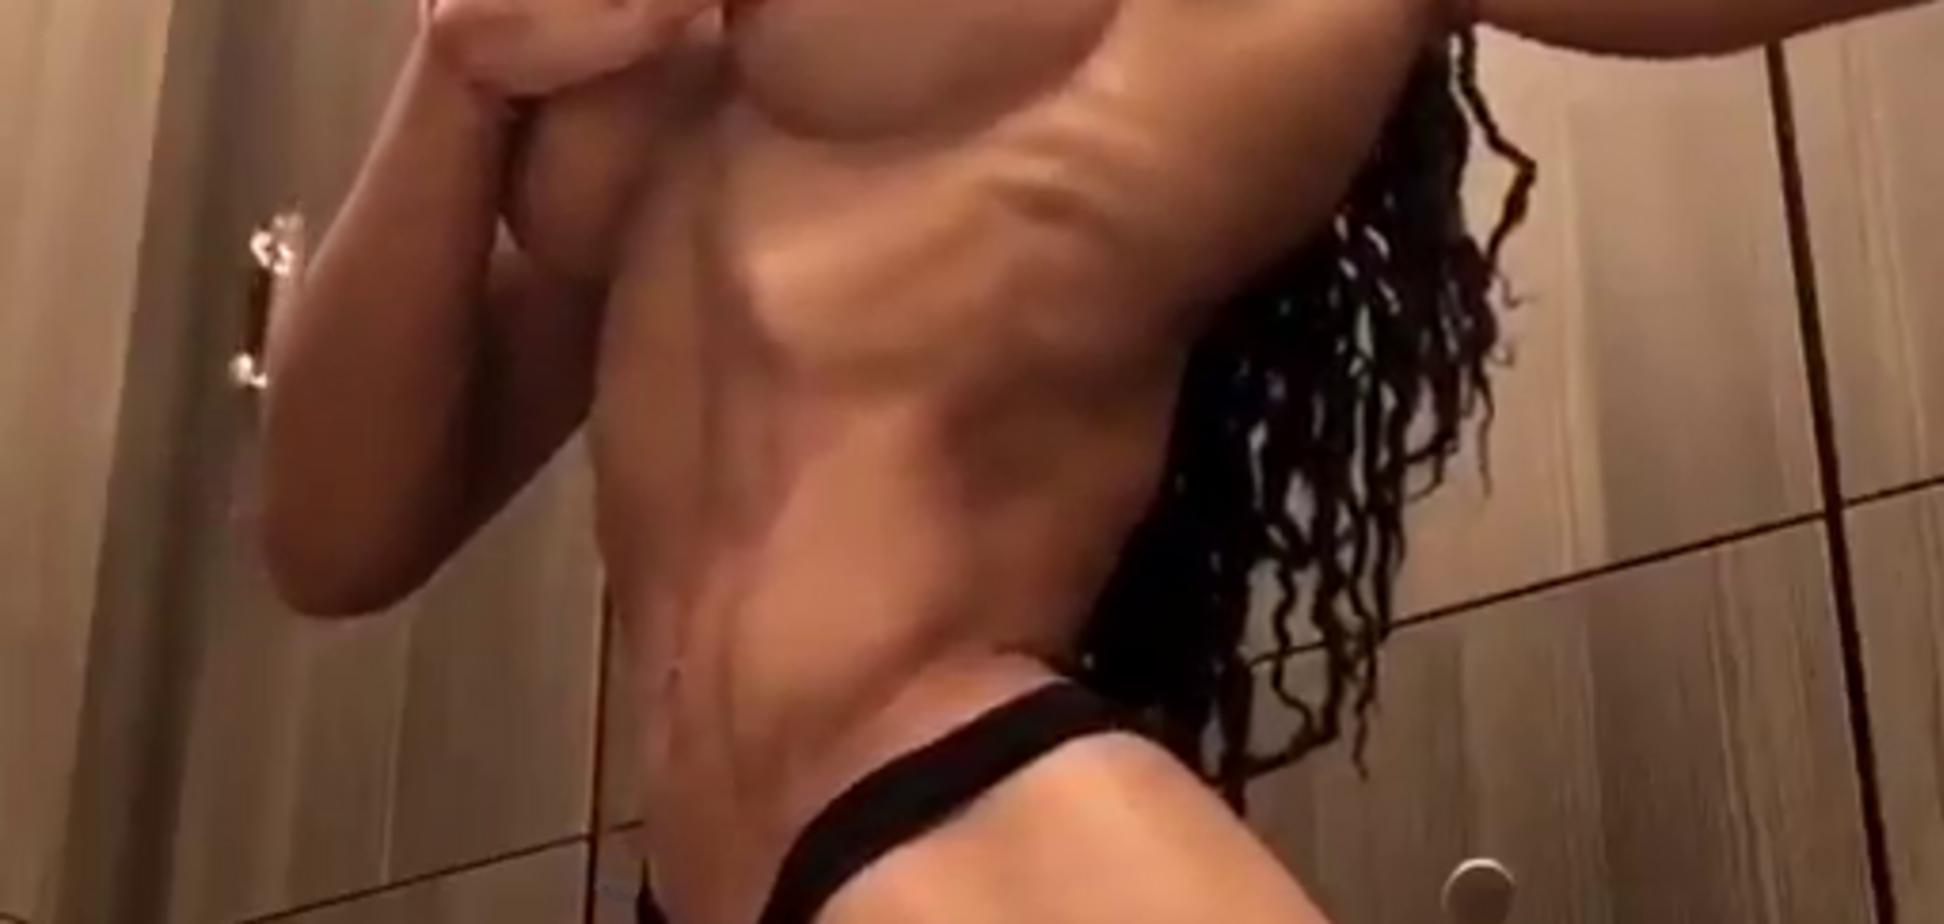 Горячее видео со знаменитой чемпионкой выложили в сеть